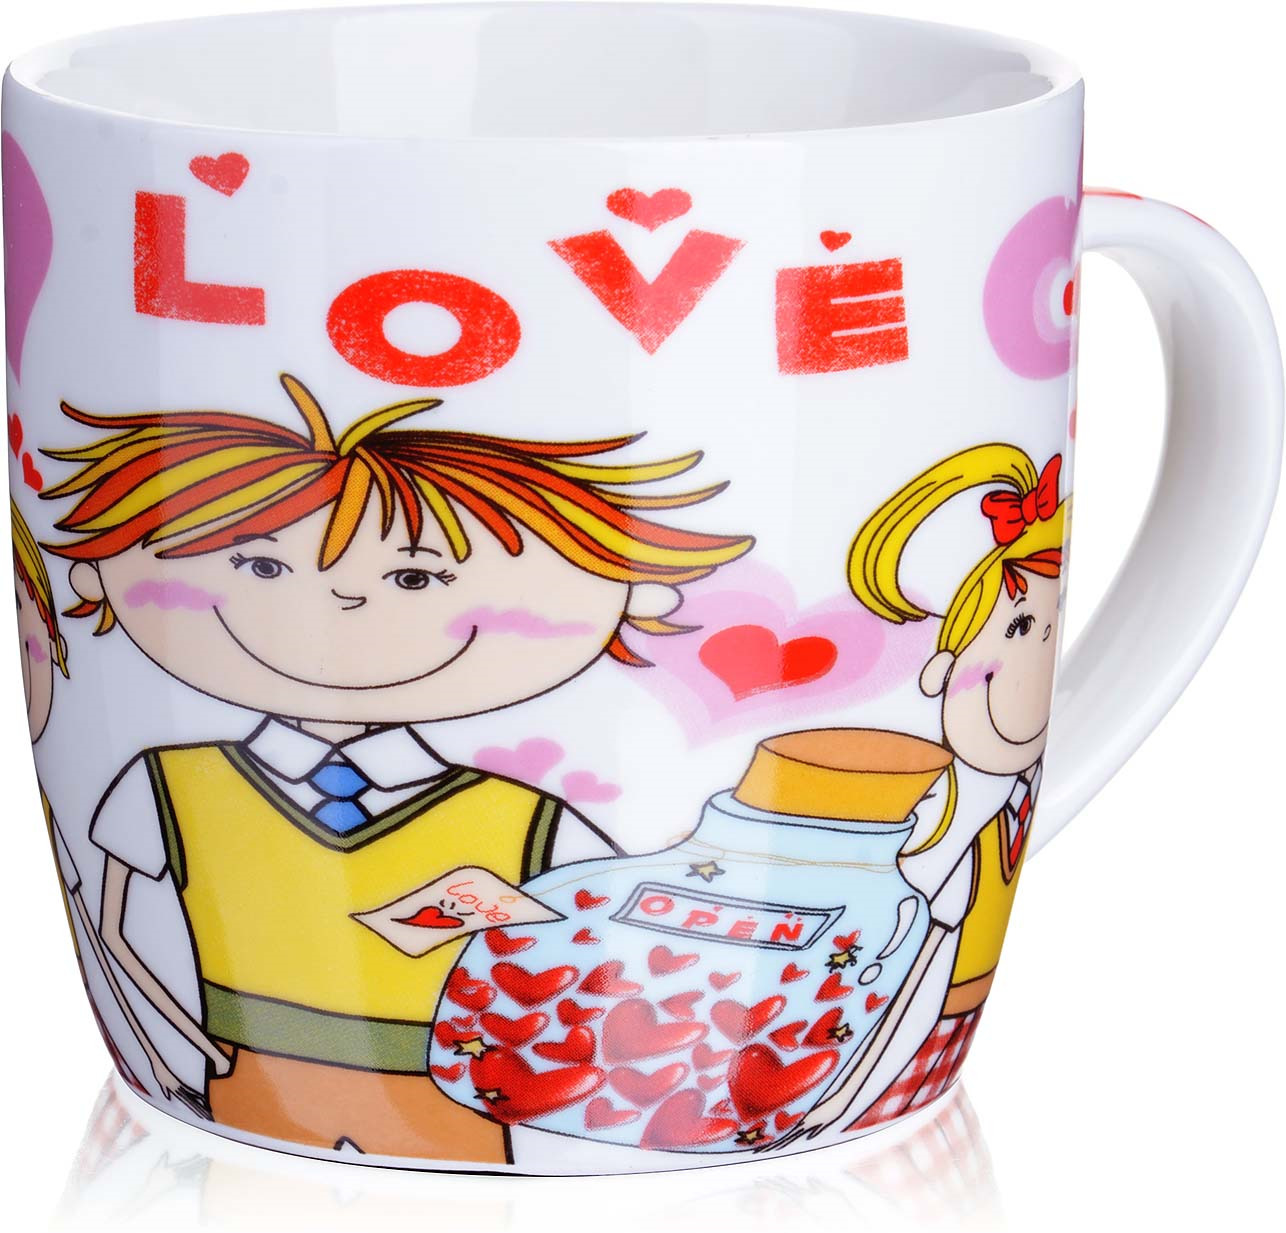 Кружка Loraine I Love You, цвет: белый, розовый, желтый, 320 мл. у3670 кружка loraine i love you цвет белый красный розовый 320 мл